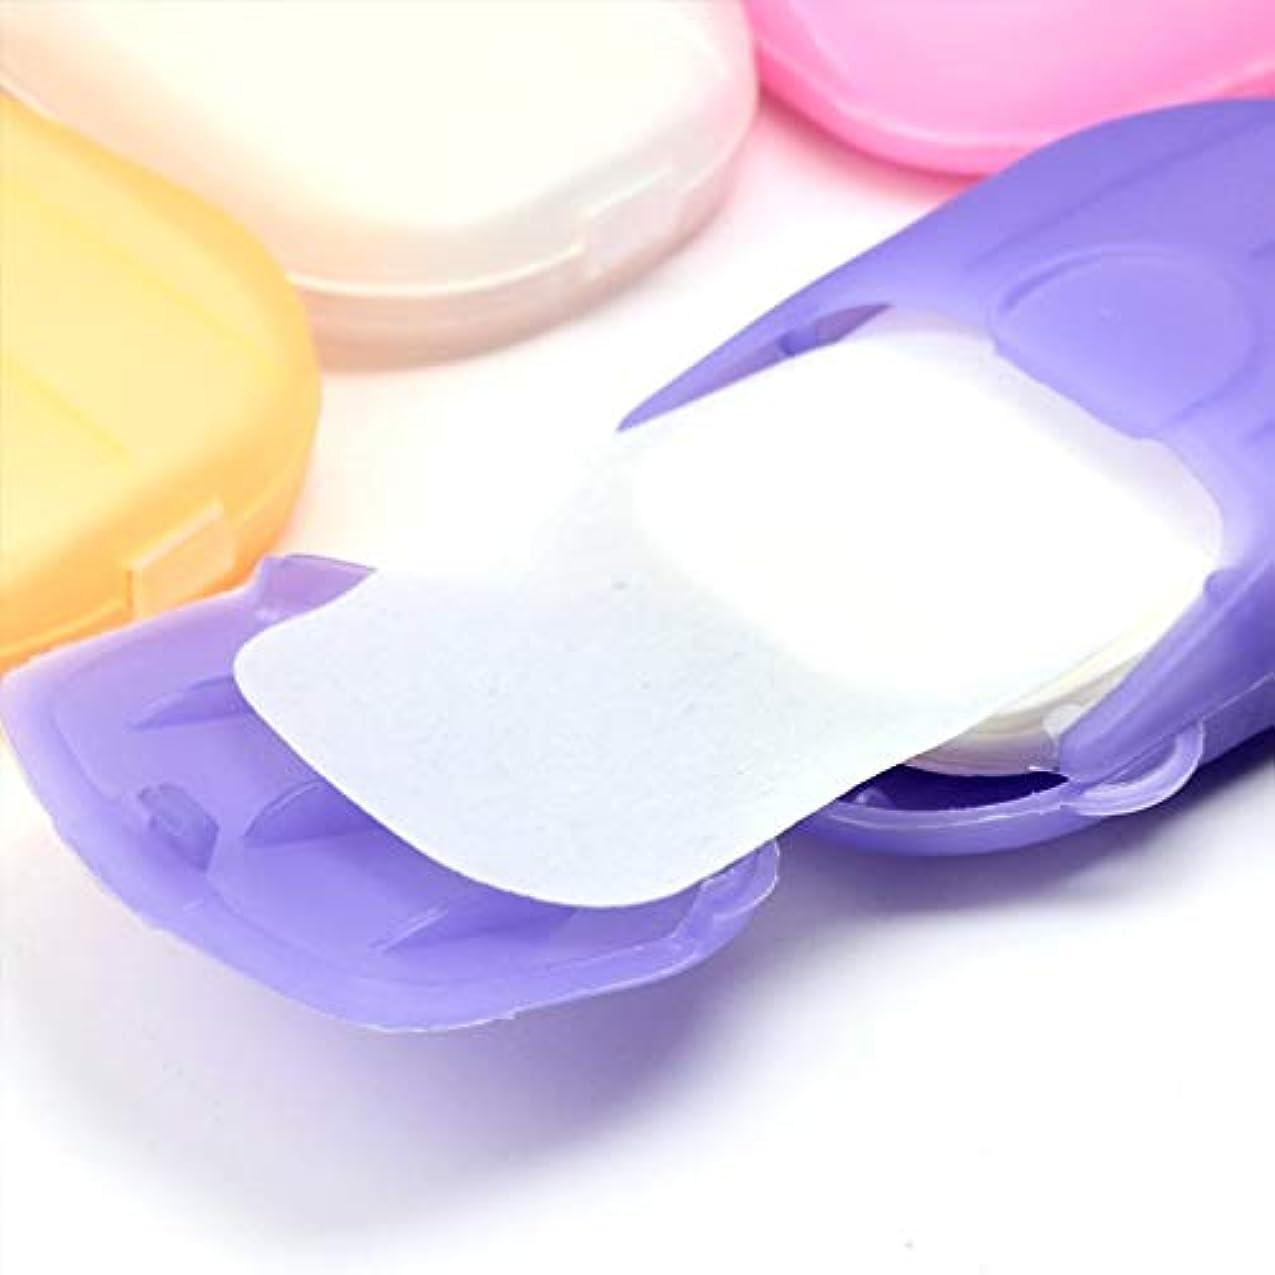 噴火一元化する悪性腫瘍1PCS小型携帯手洗い石鹸フレークランダムカラー